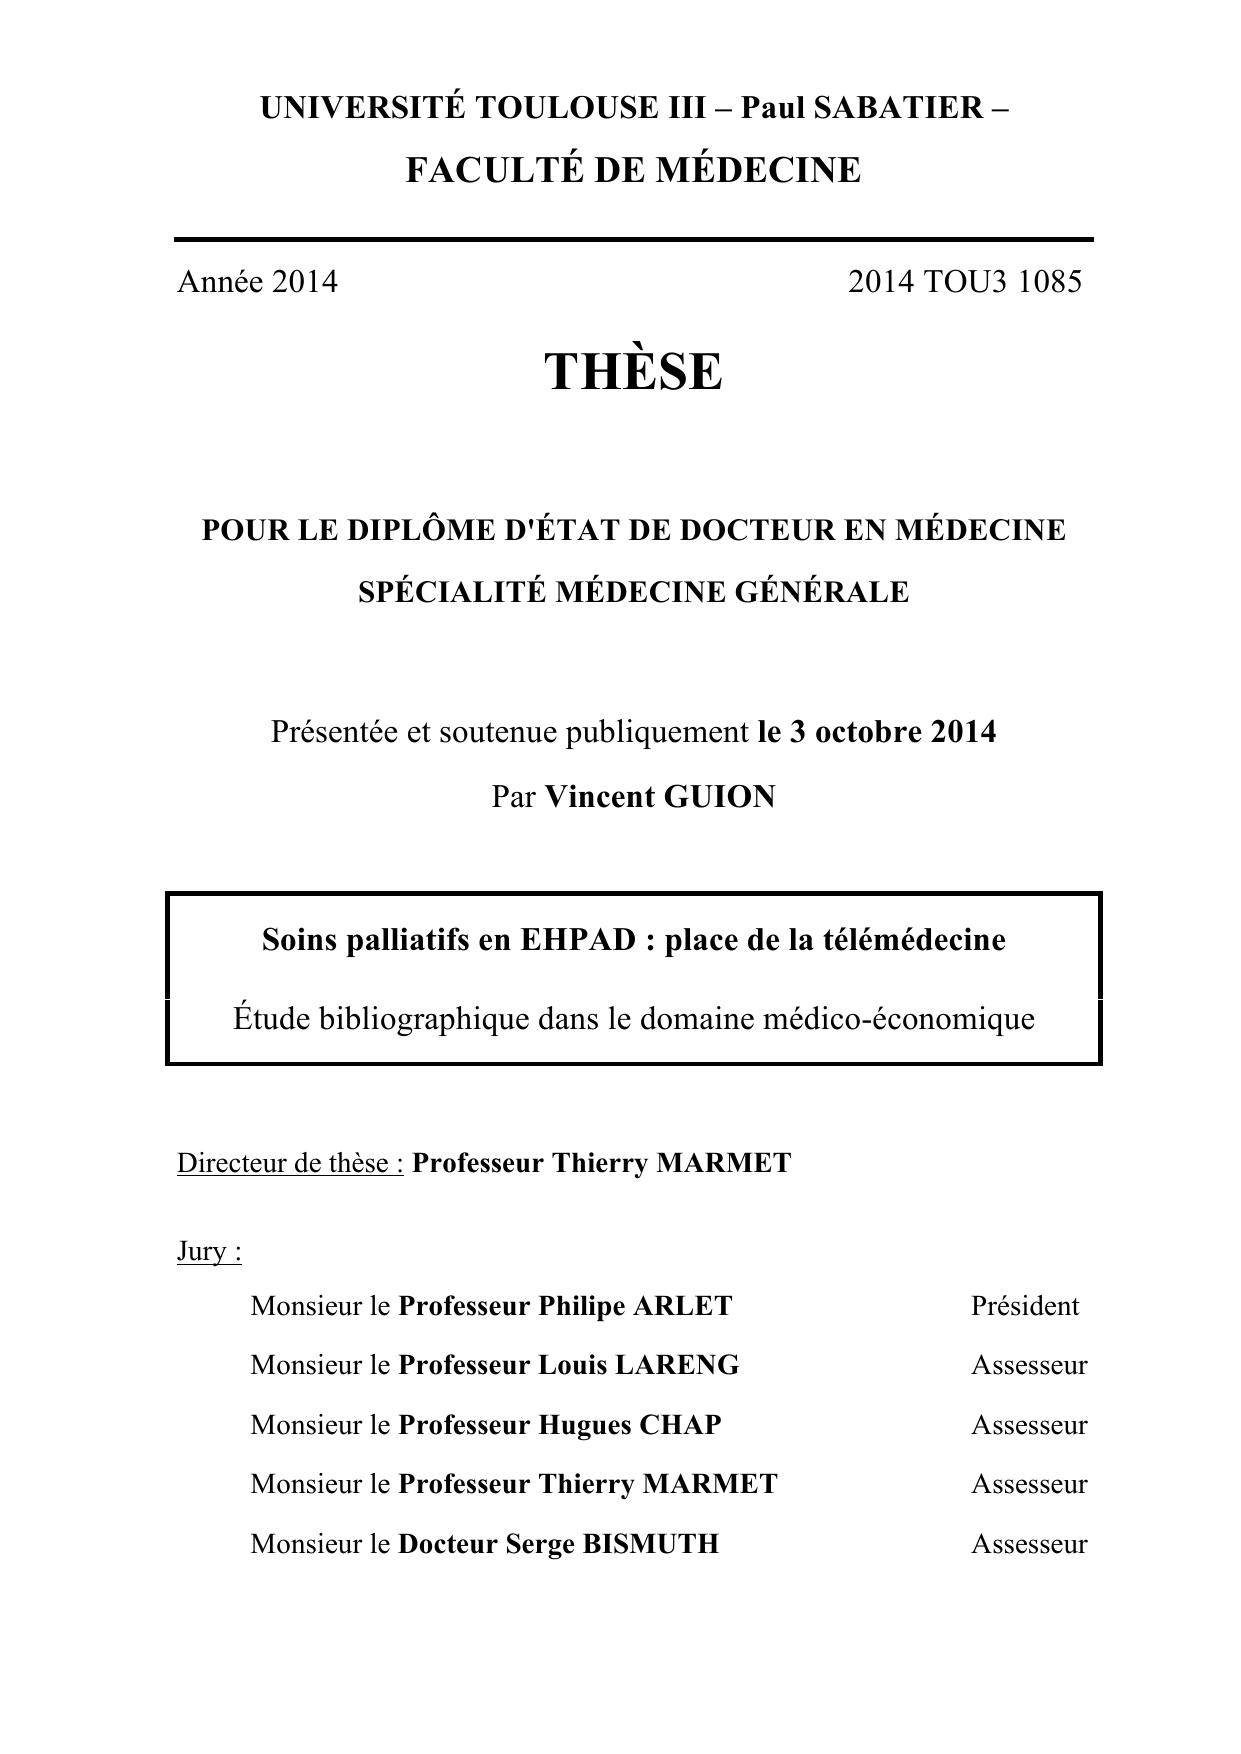 Rencontre pour mariage musulman Rencontres blois 2015 schedule Rencontres montagne gap ga.